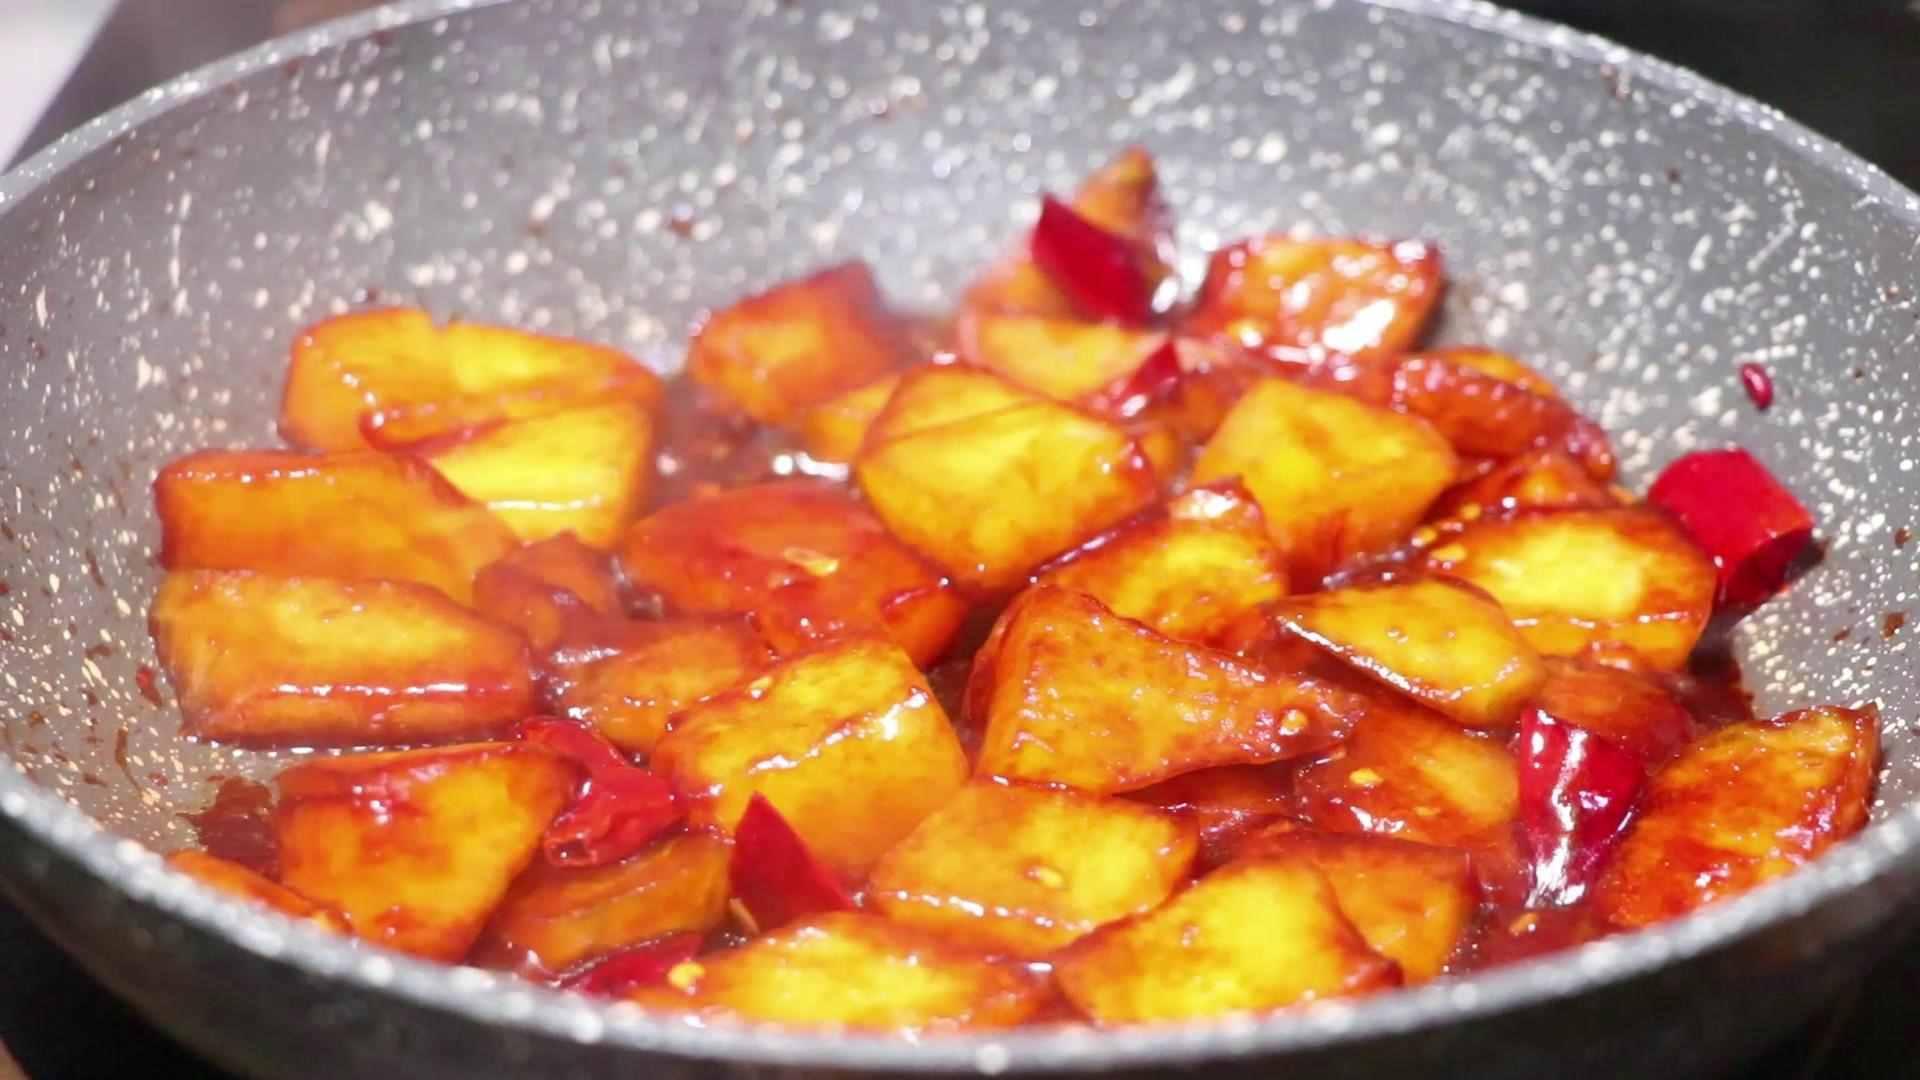 教你做一道红烧冬瓜,太香了,比红烧肉都好吃,做法很简单